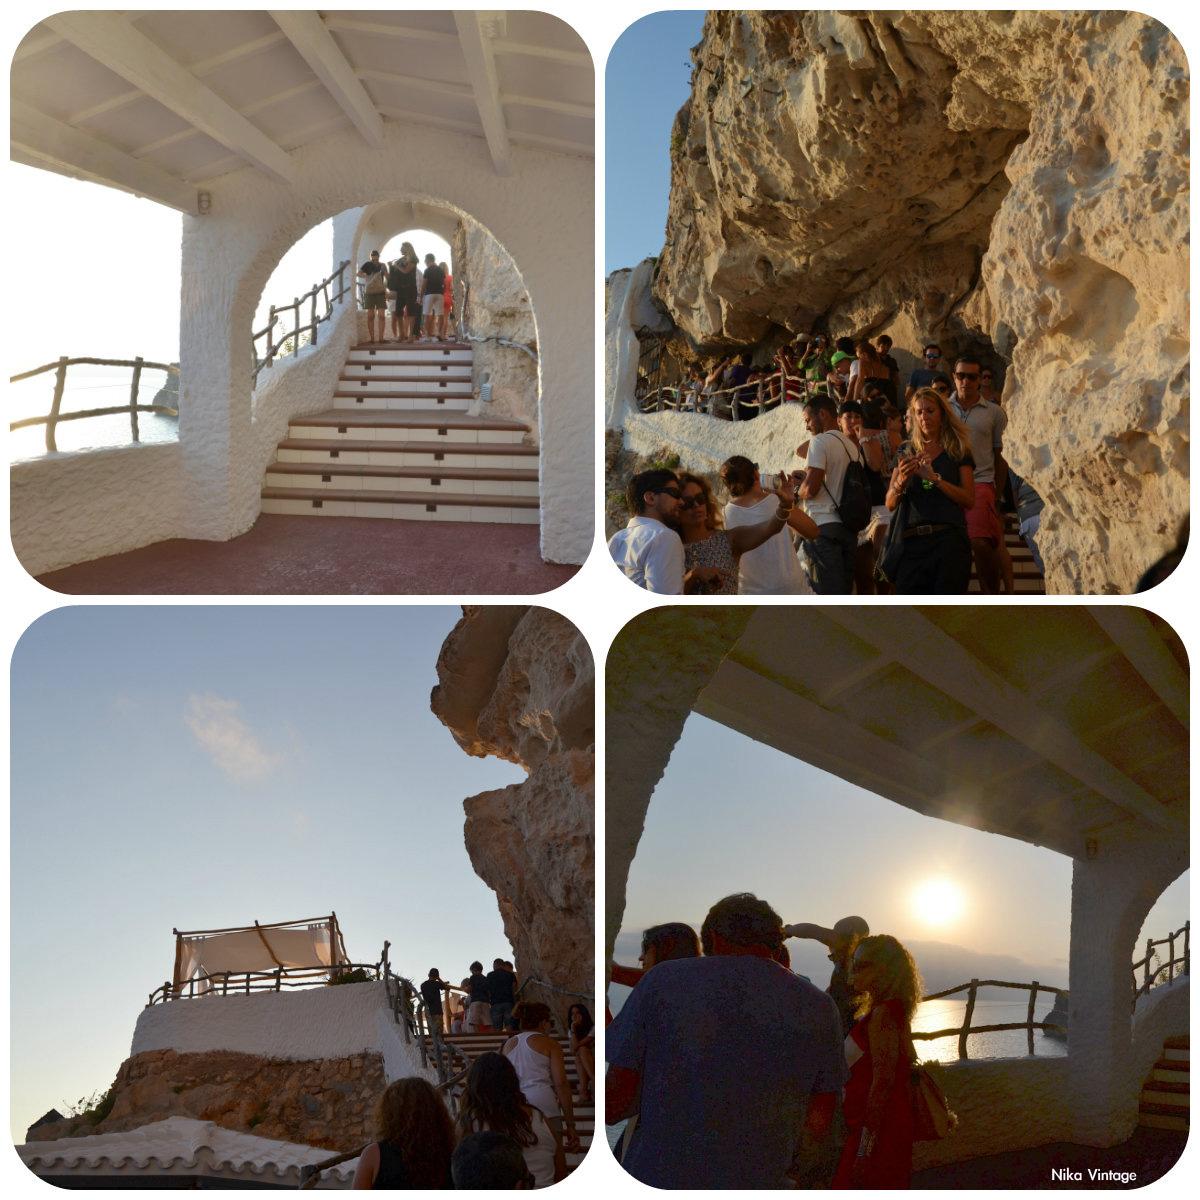 Menorca, zonas, terrazas, vistas, Cova d'en Xoroi, Cueva, Xoroi, Cala´n Porter, chill out